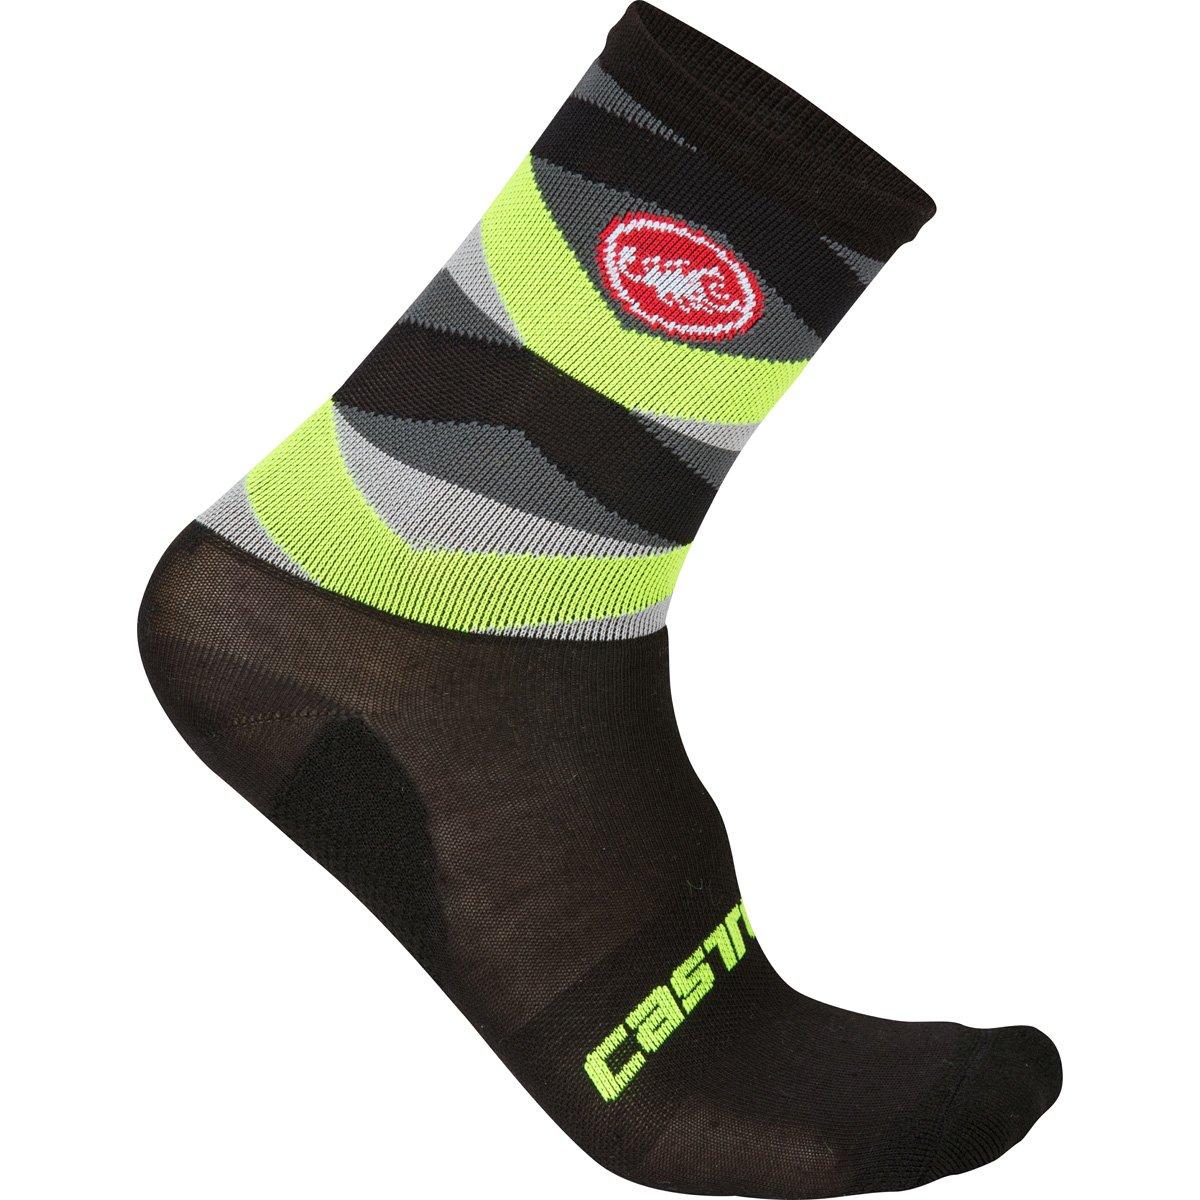 Castelli 2016/17 Fatto 12 Cycling Sock - R16576